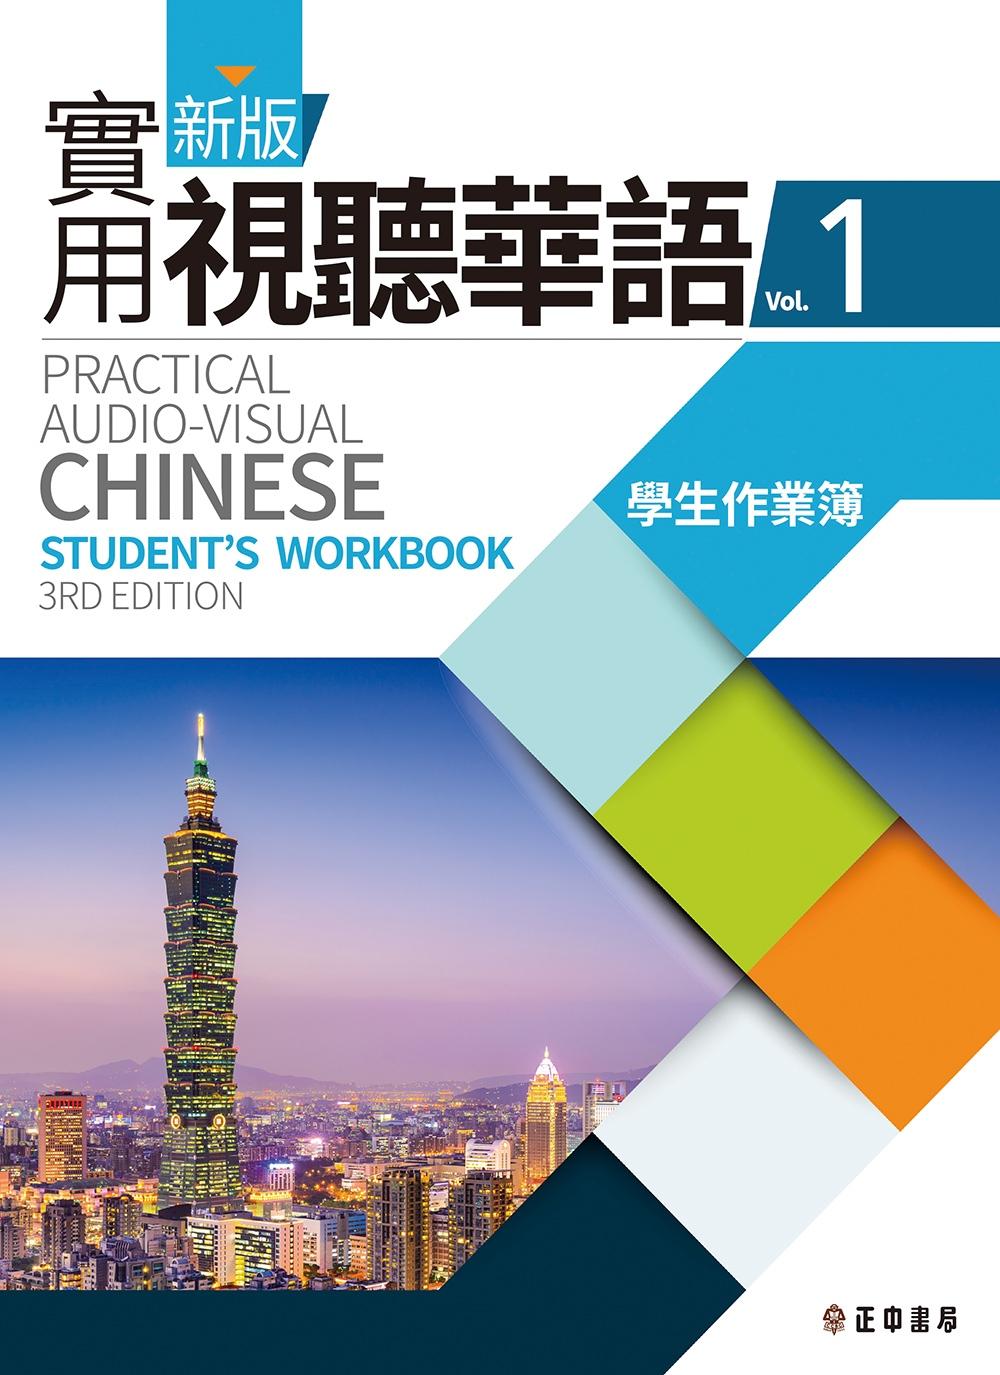 新版實用視聽華語1 學生作業簿 (第三版)